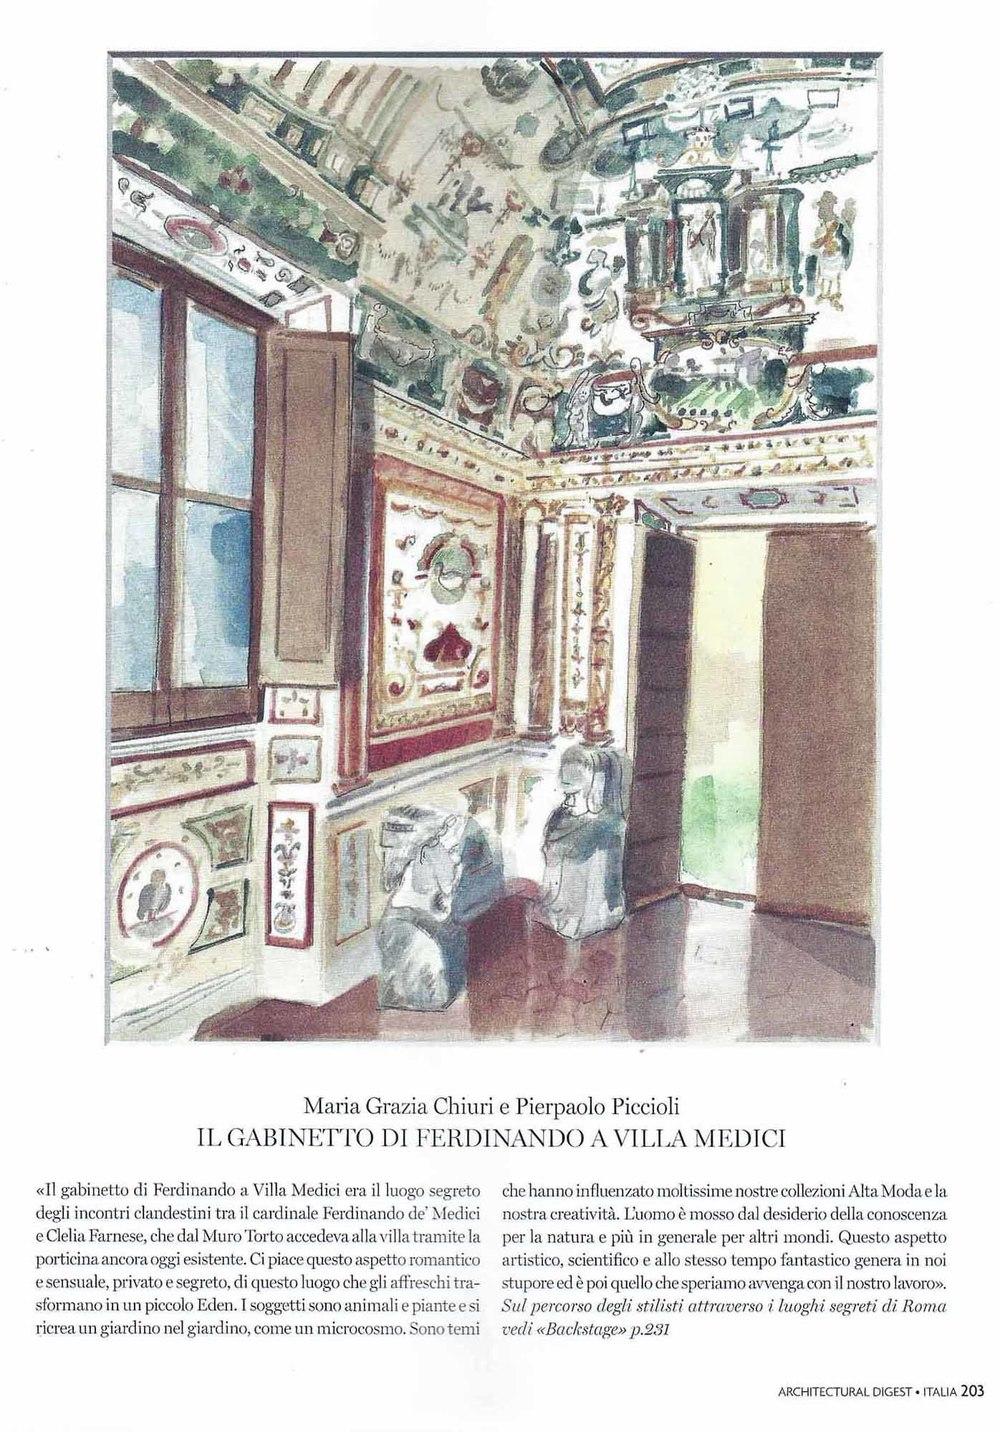 Maria Grazie Chiuri & Pierpaolo Piccioli - Villa Medici